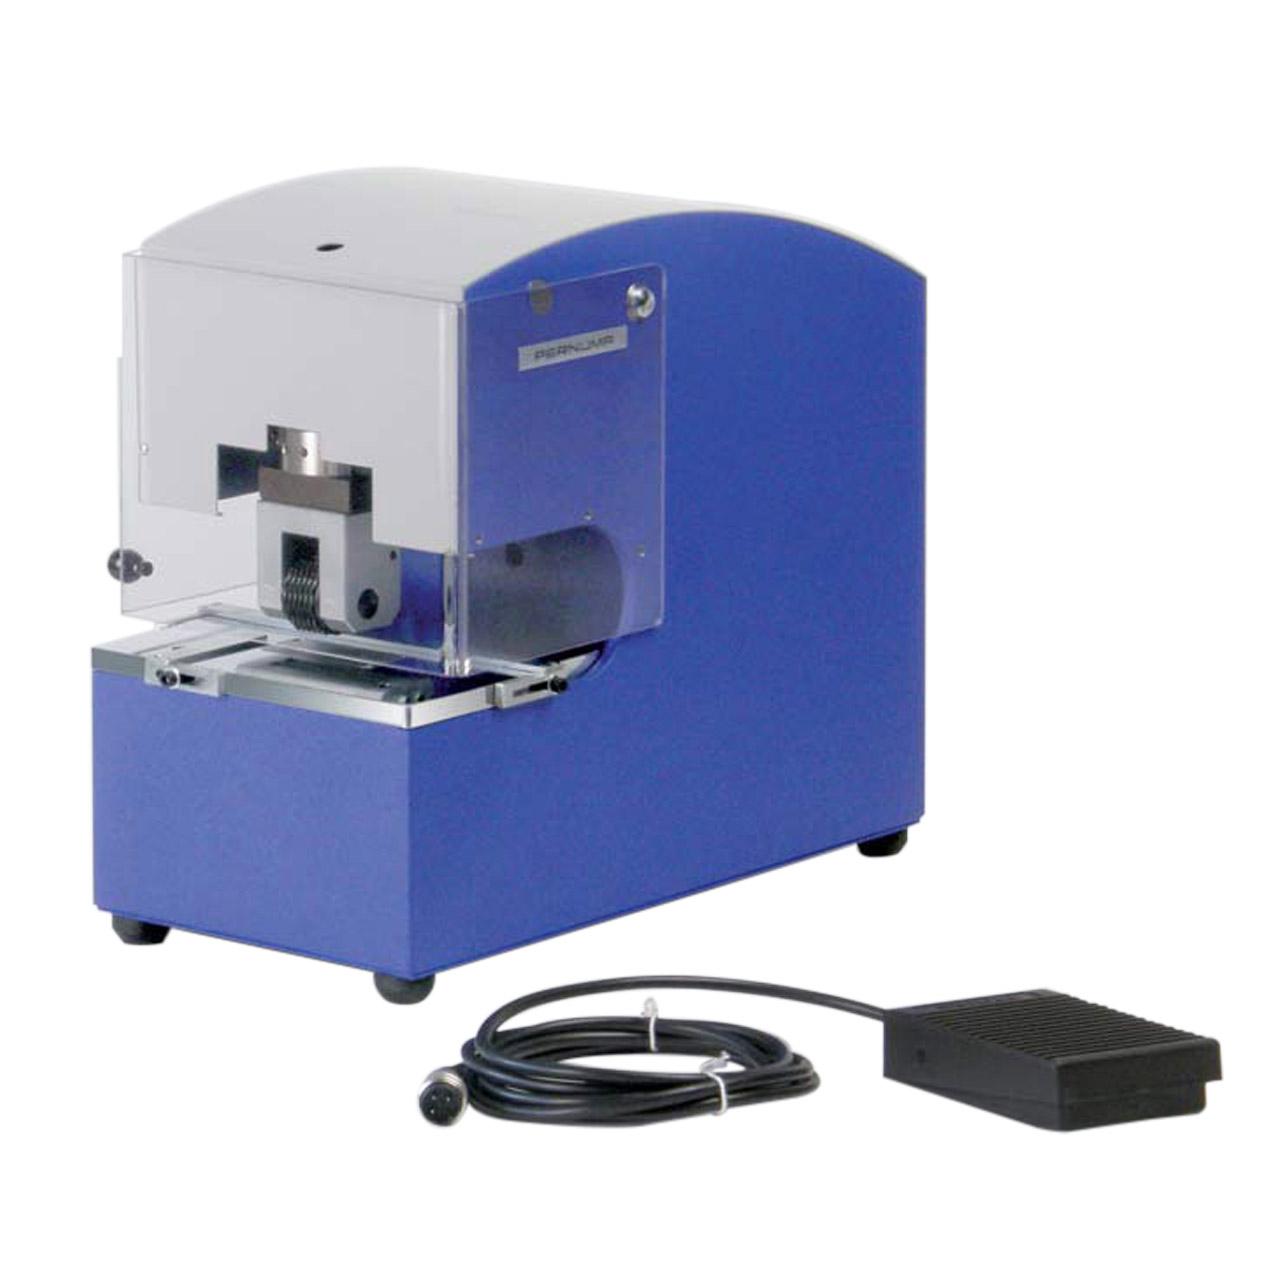 Metallprägemaschine PERNUMA METALLPRINT E